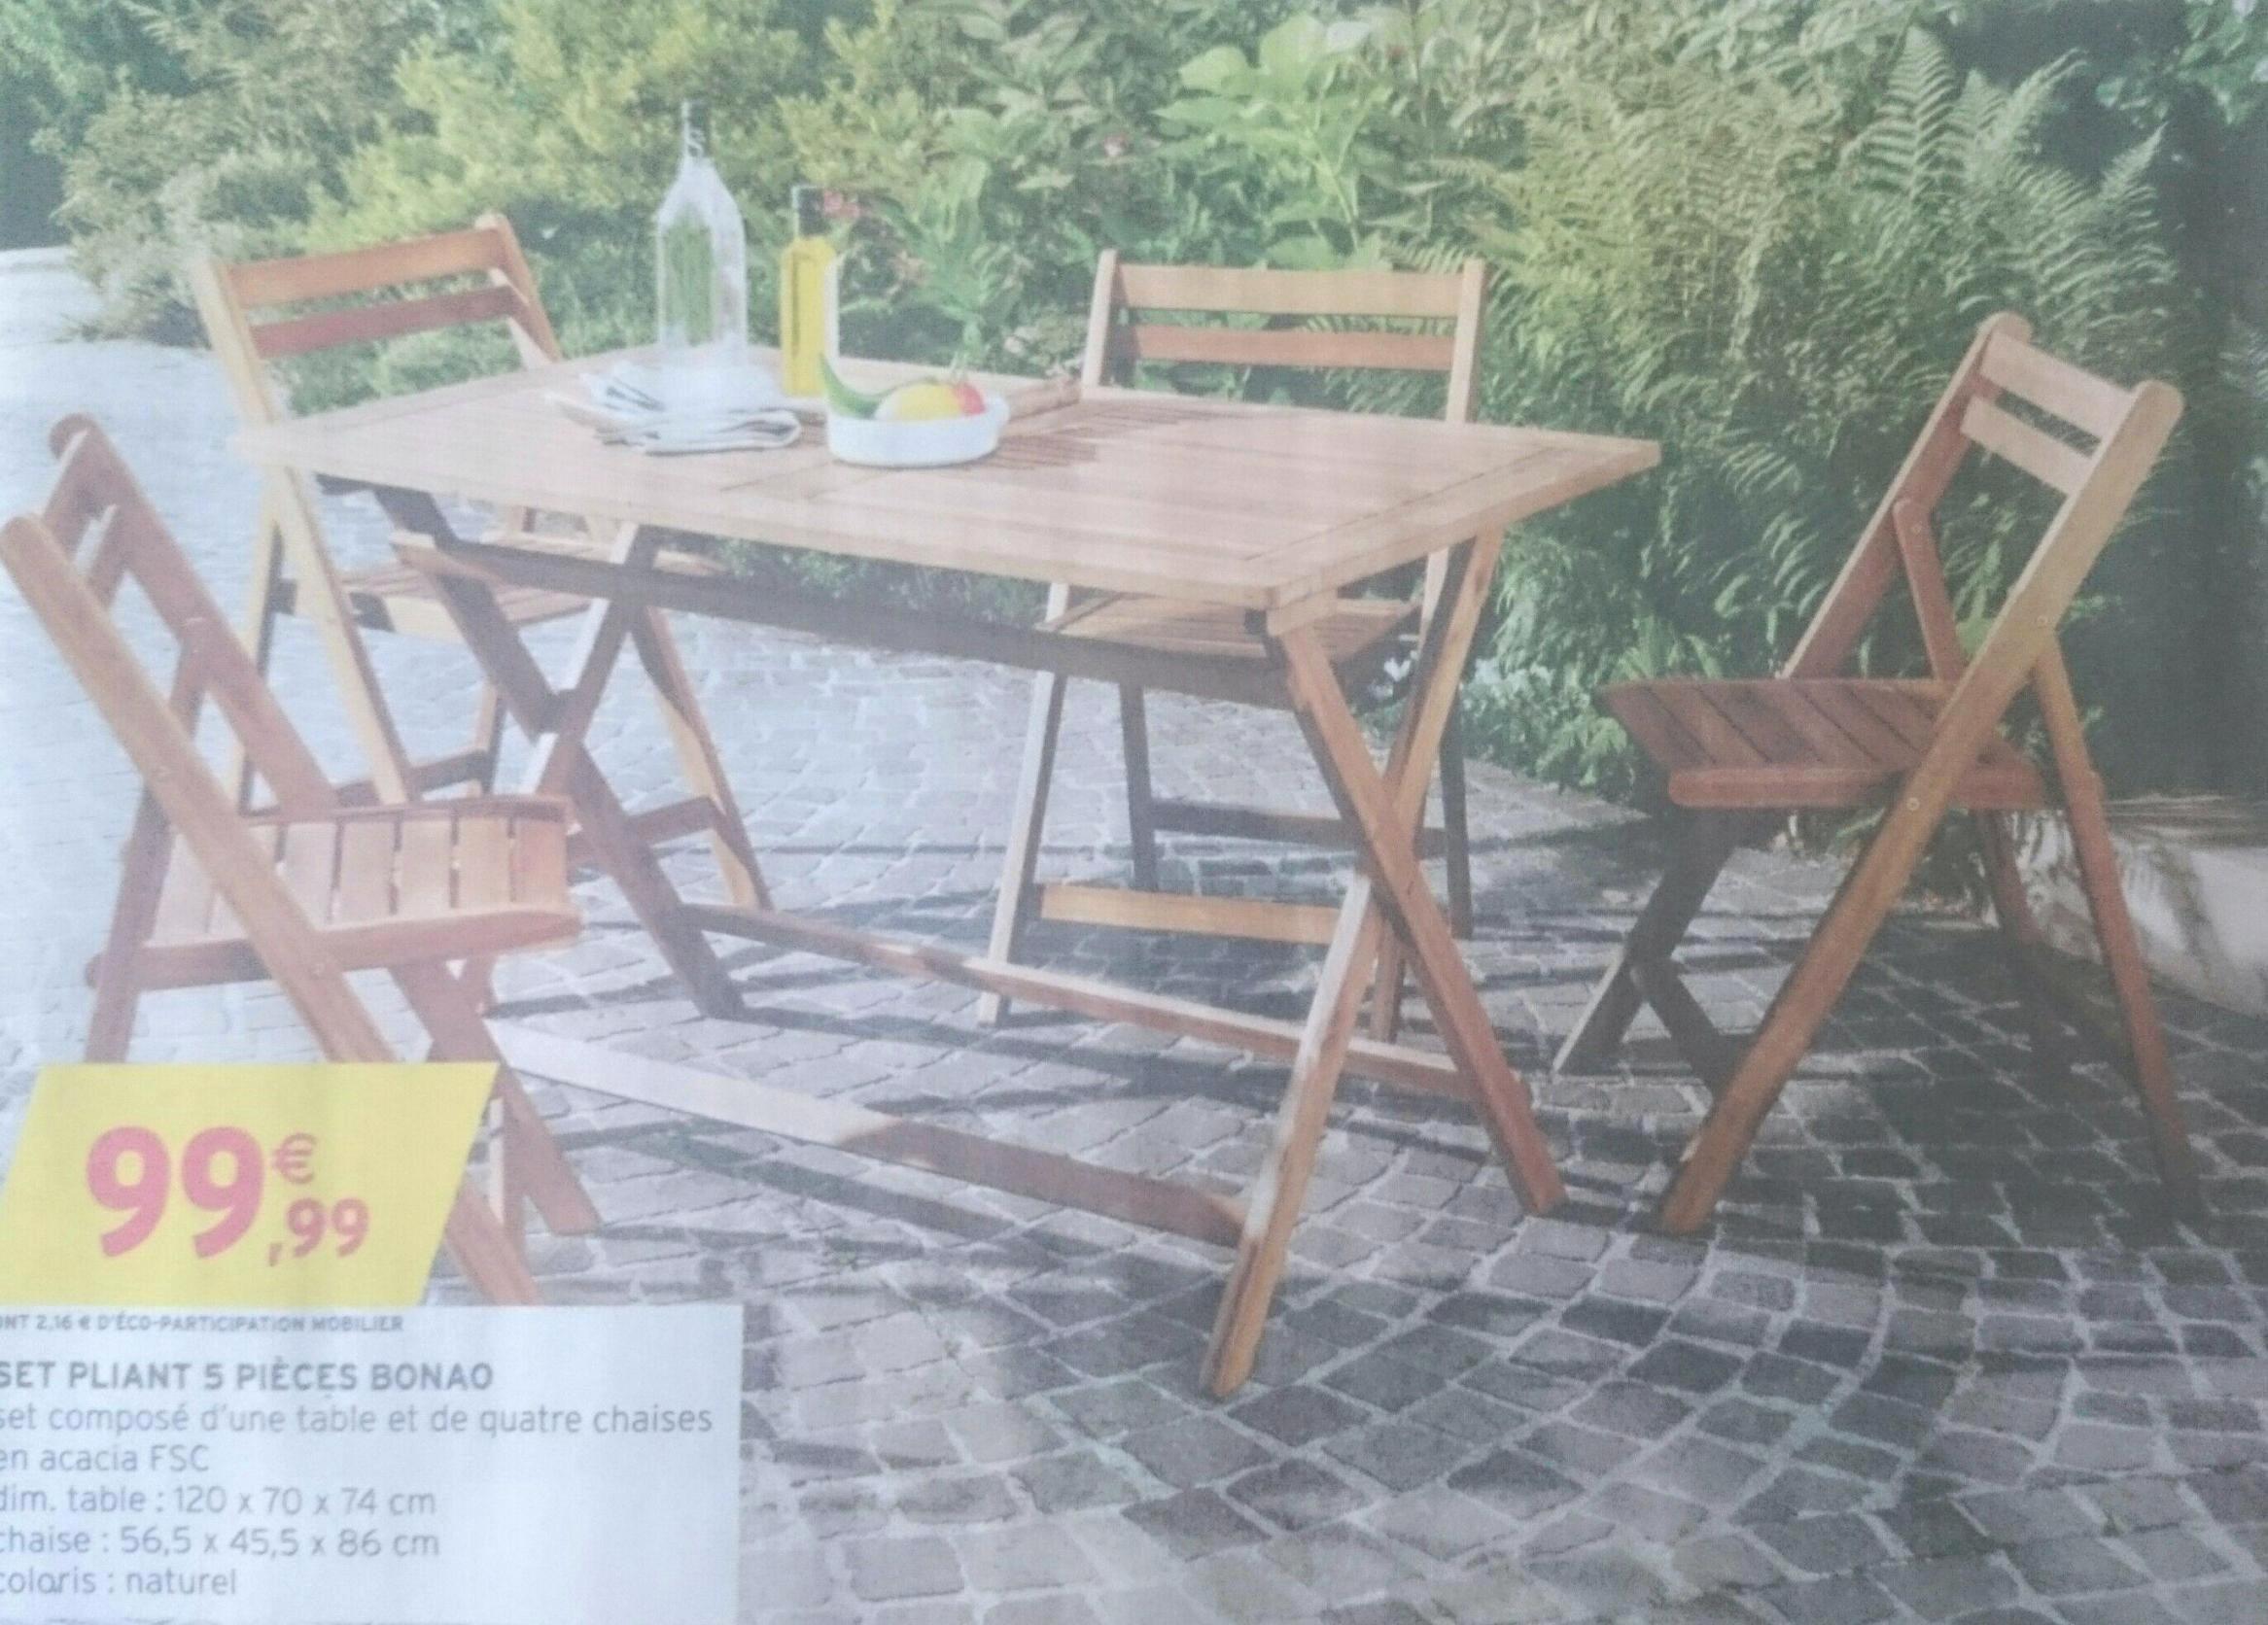 Salon De Jardin Intermarche 2018 Luxe Inspirational ... avec Salon De Jardin Intermarché